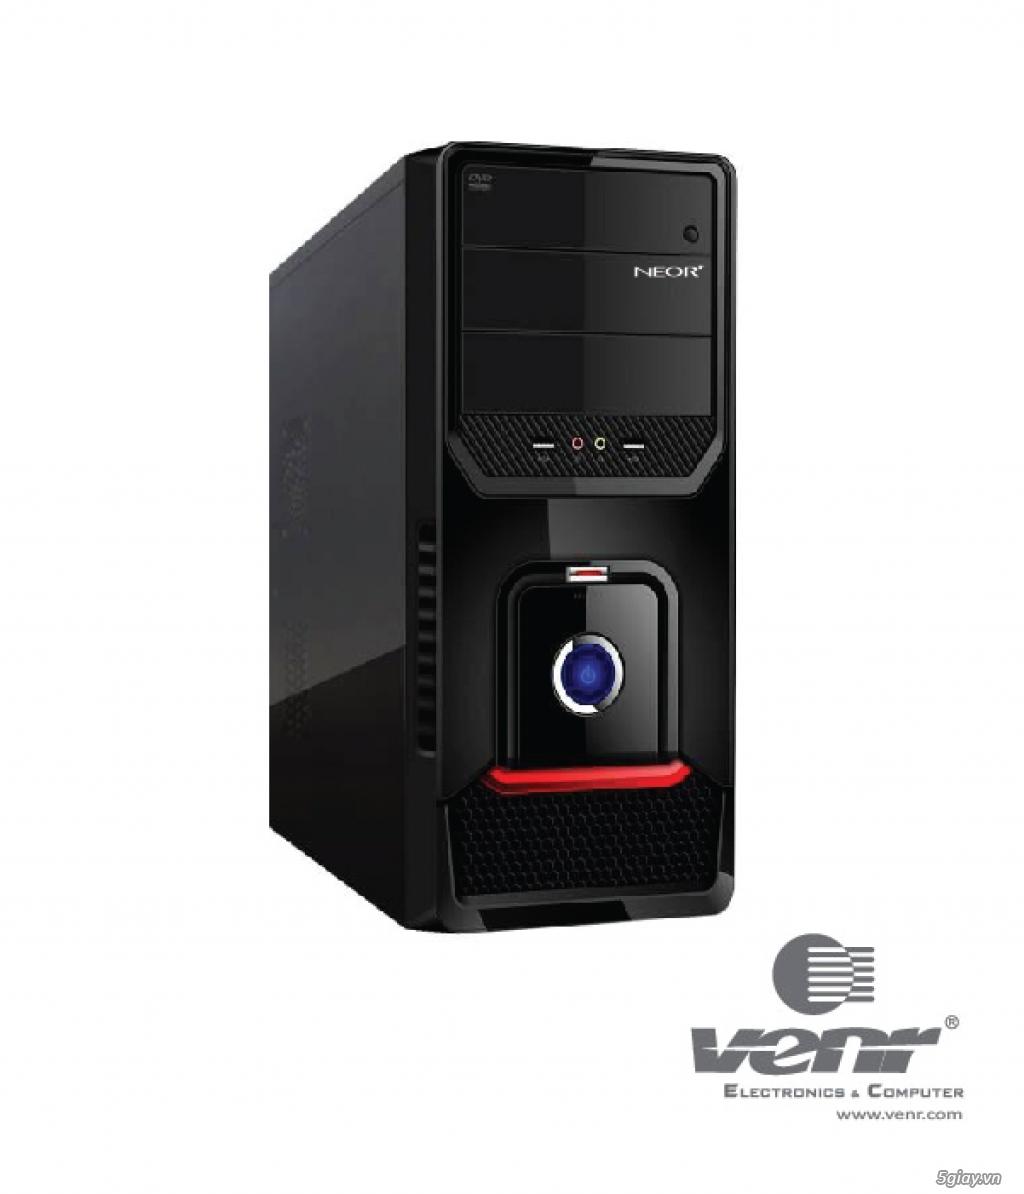 HCM - Trường Thịnh Computer : Chuyên Cung Cấp Sỉ Lẻ LCD Seconhand... - 1